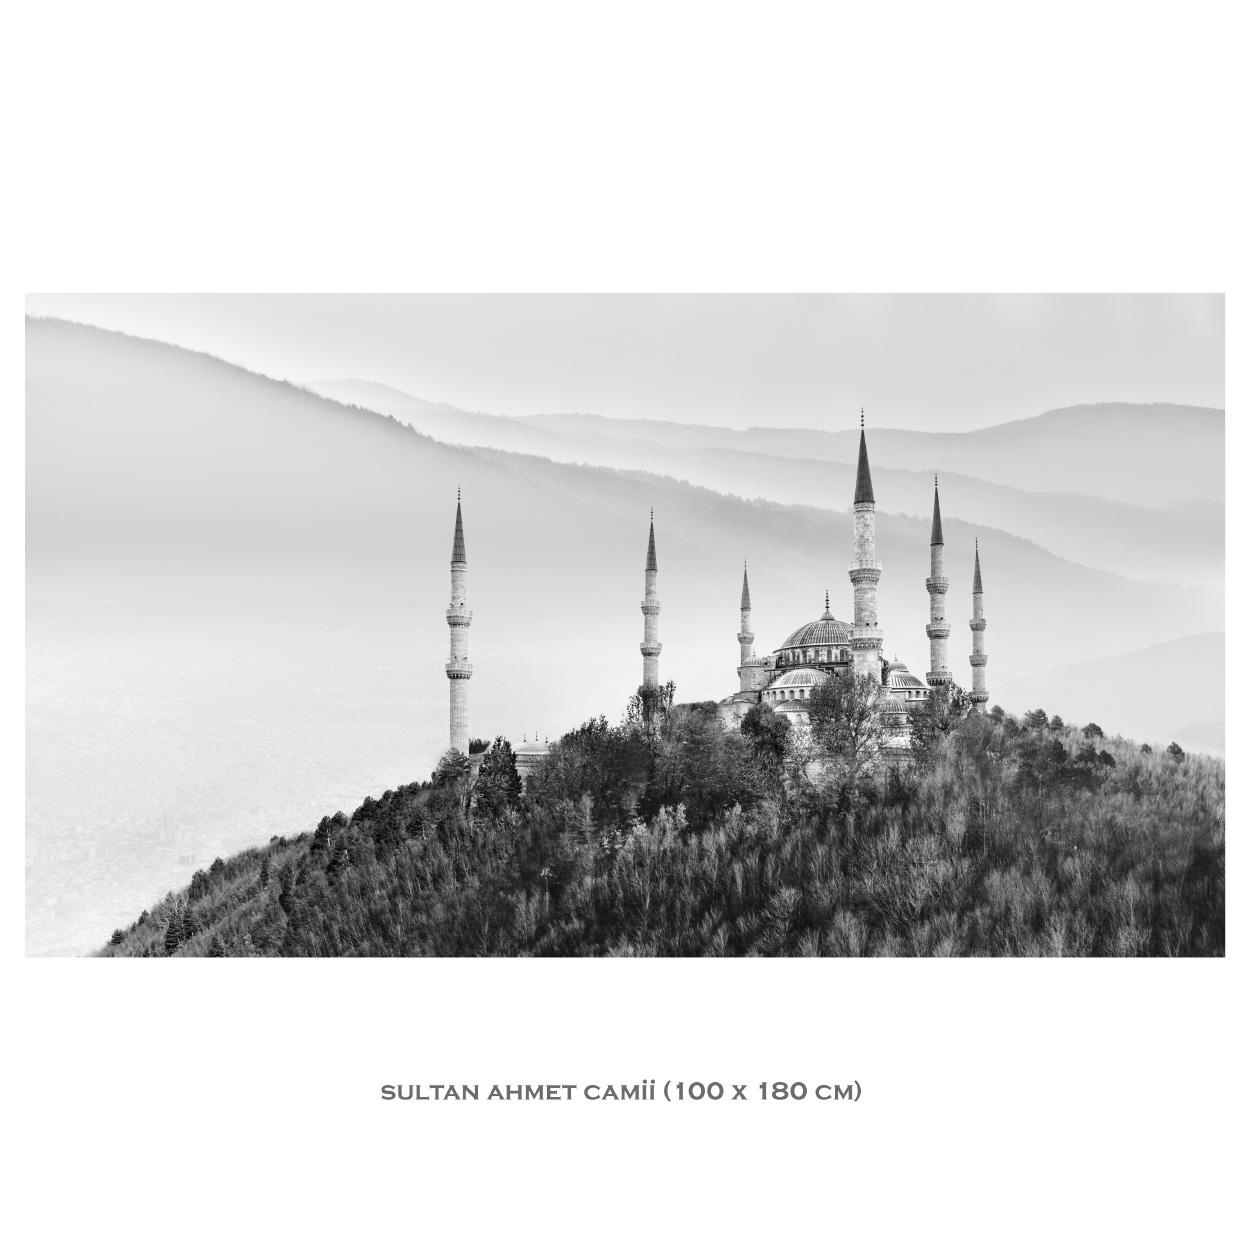 sultan ahmet camii copy